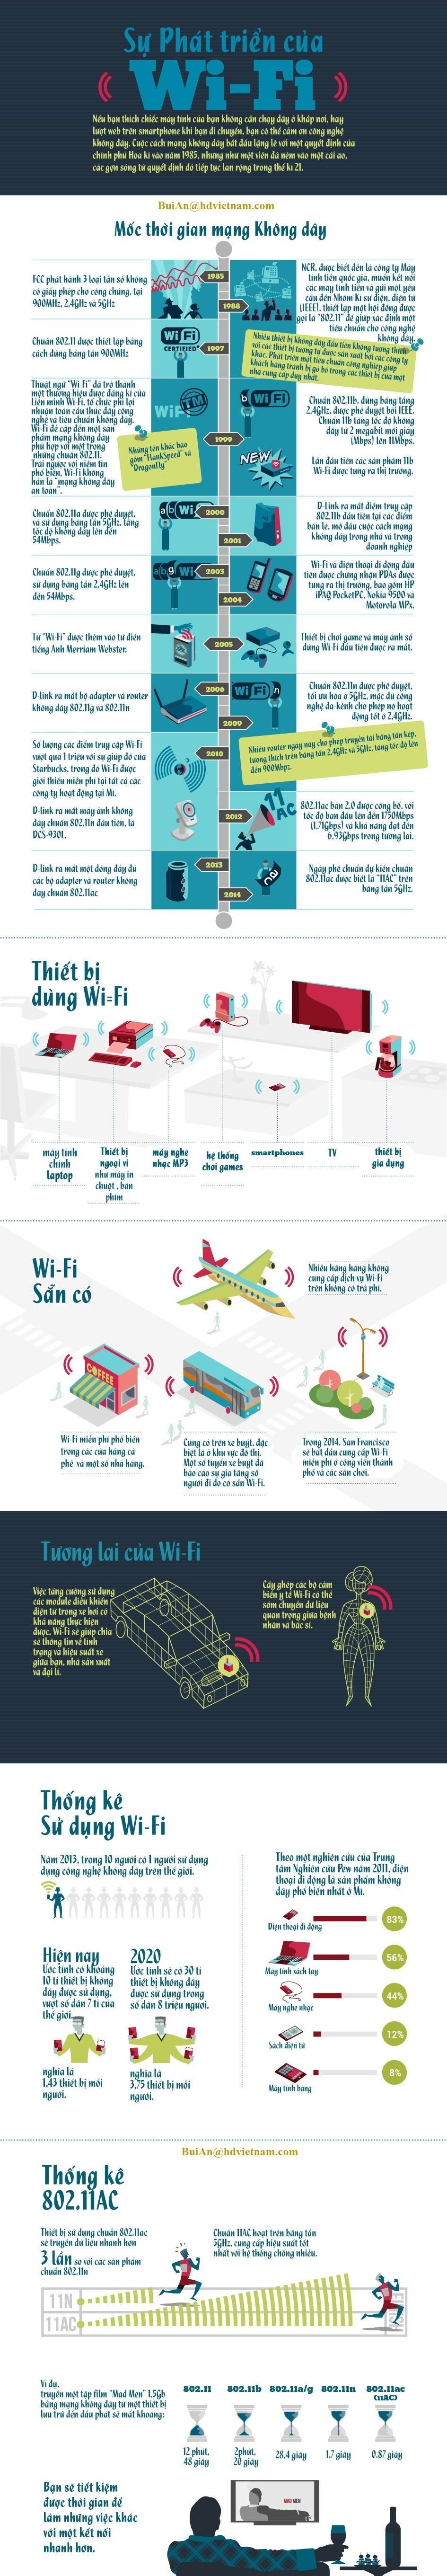 Infographic - Lịch sử hình thành và phát triển WiFi